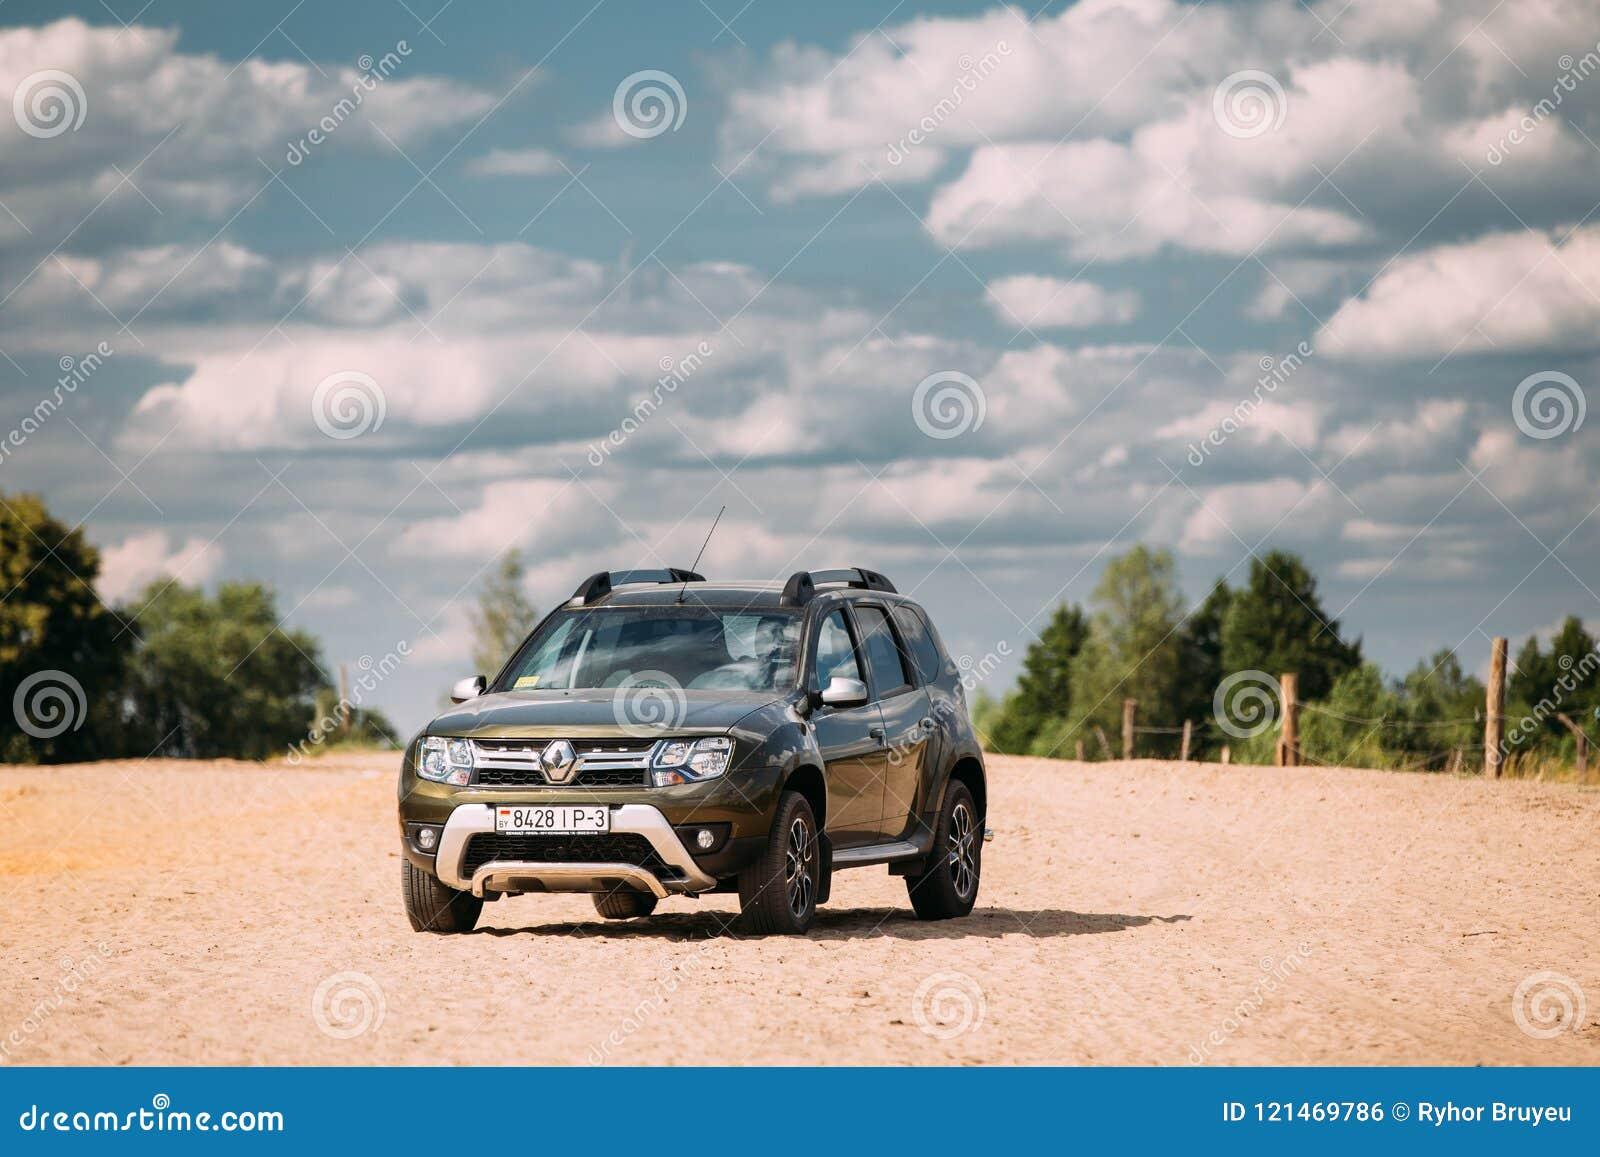 雷诺喷粉器或达基亚喷粉器SUV在乡下风景 喷粉器